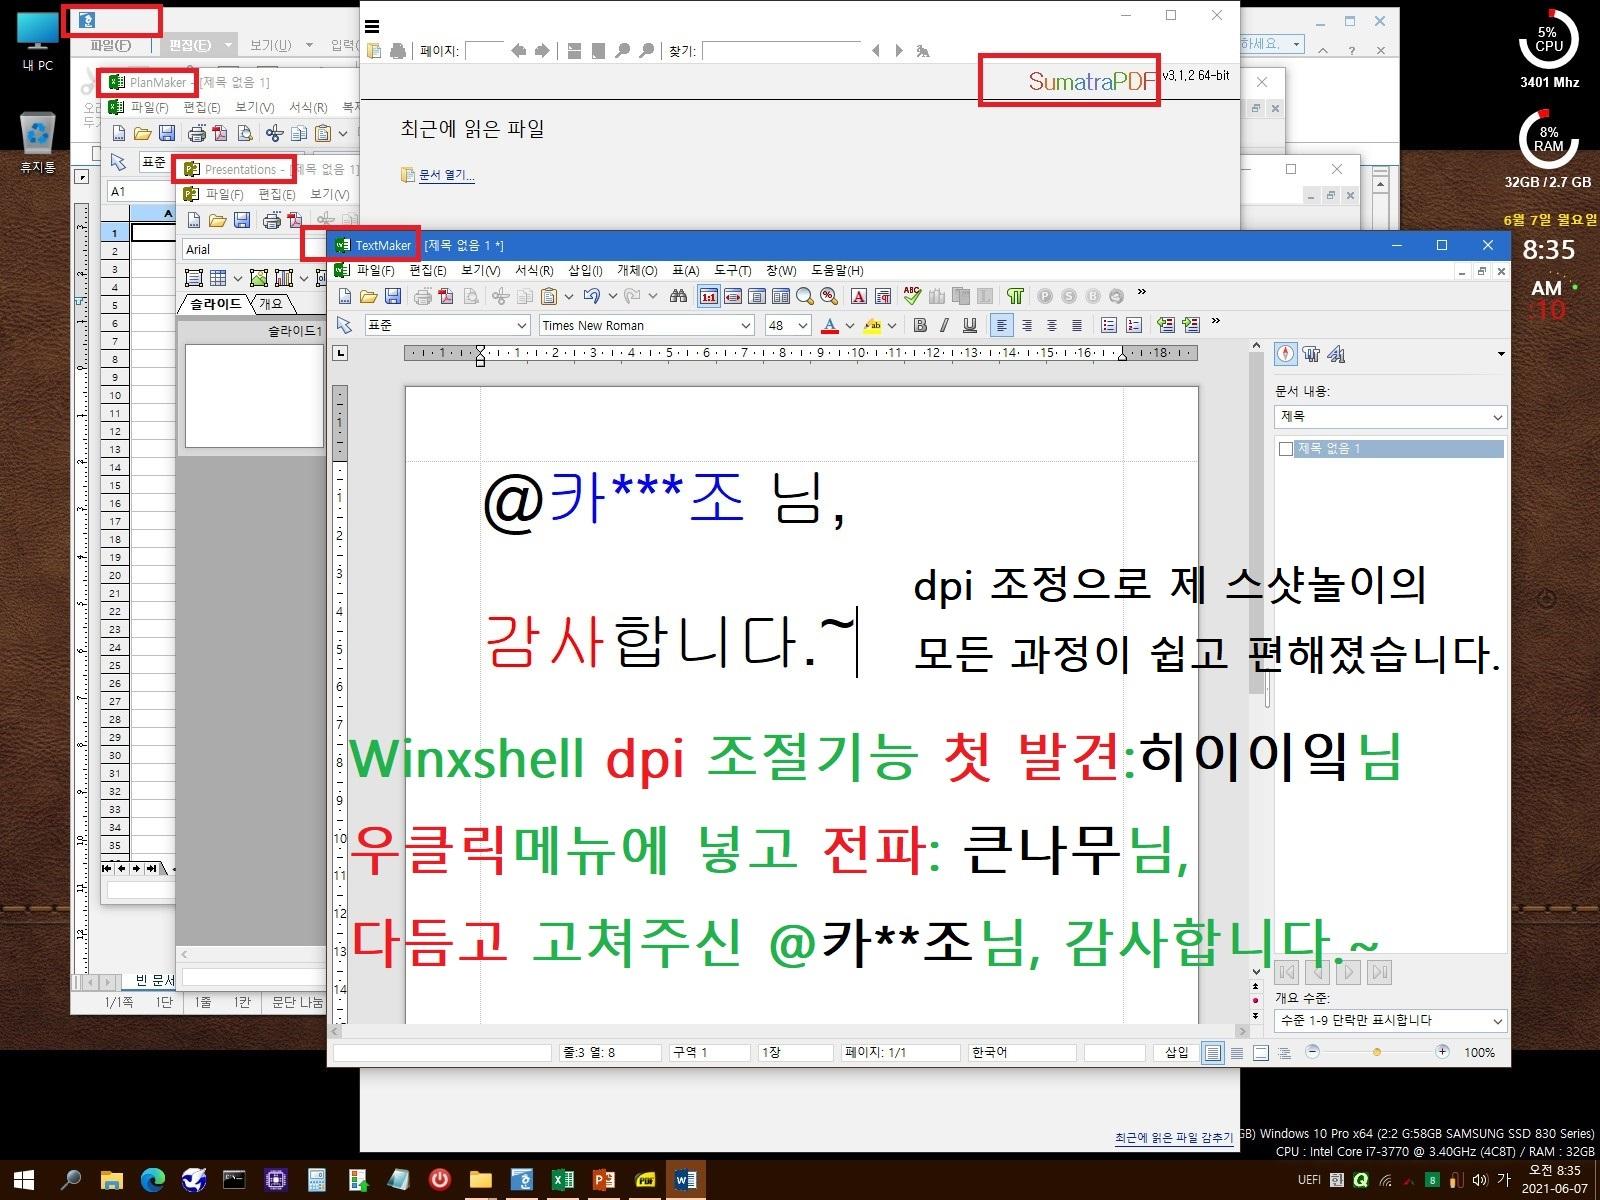 7_17_프로그램들.jpg